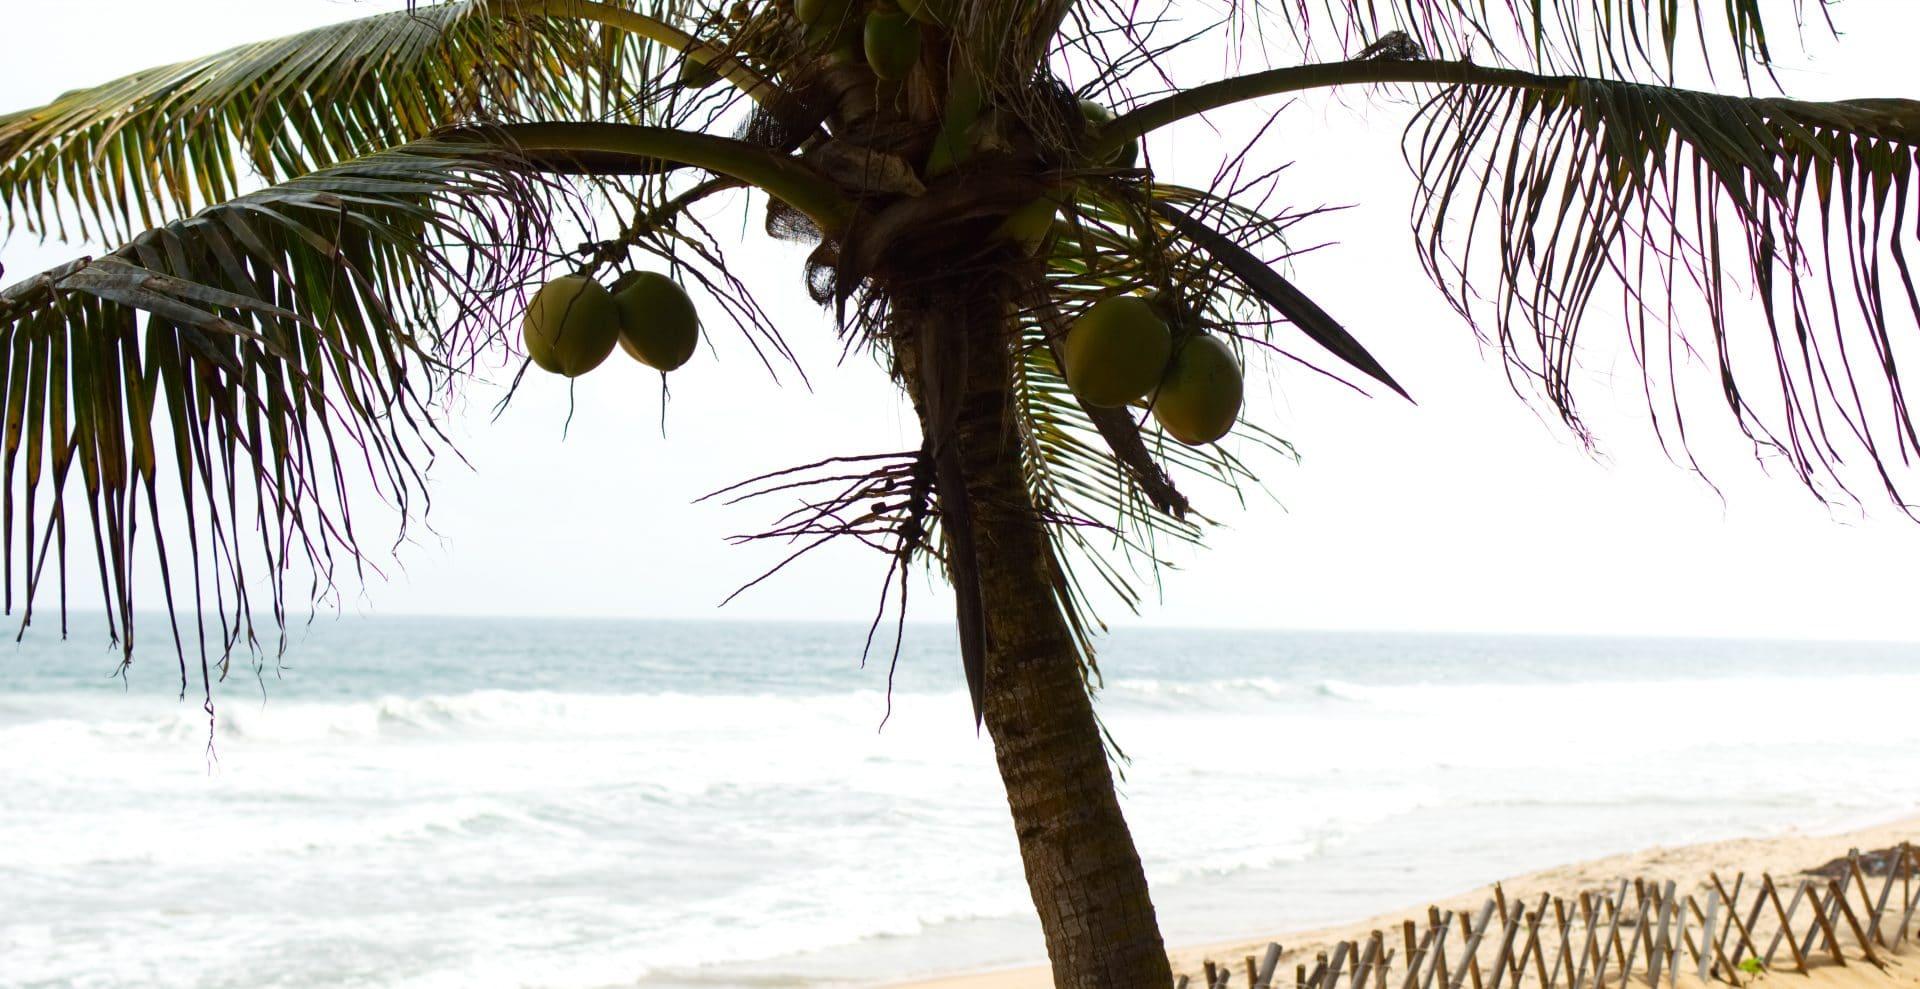 cocotier bassam plage côte d'ivoire.jpg